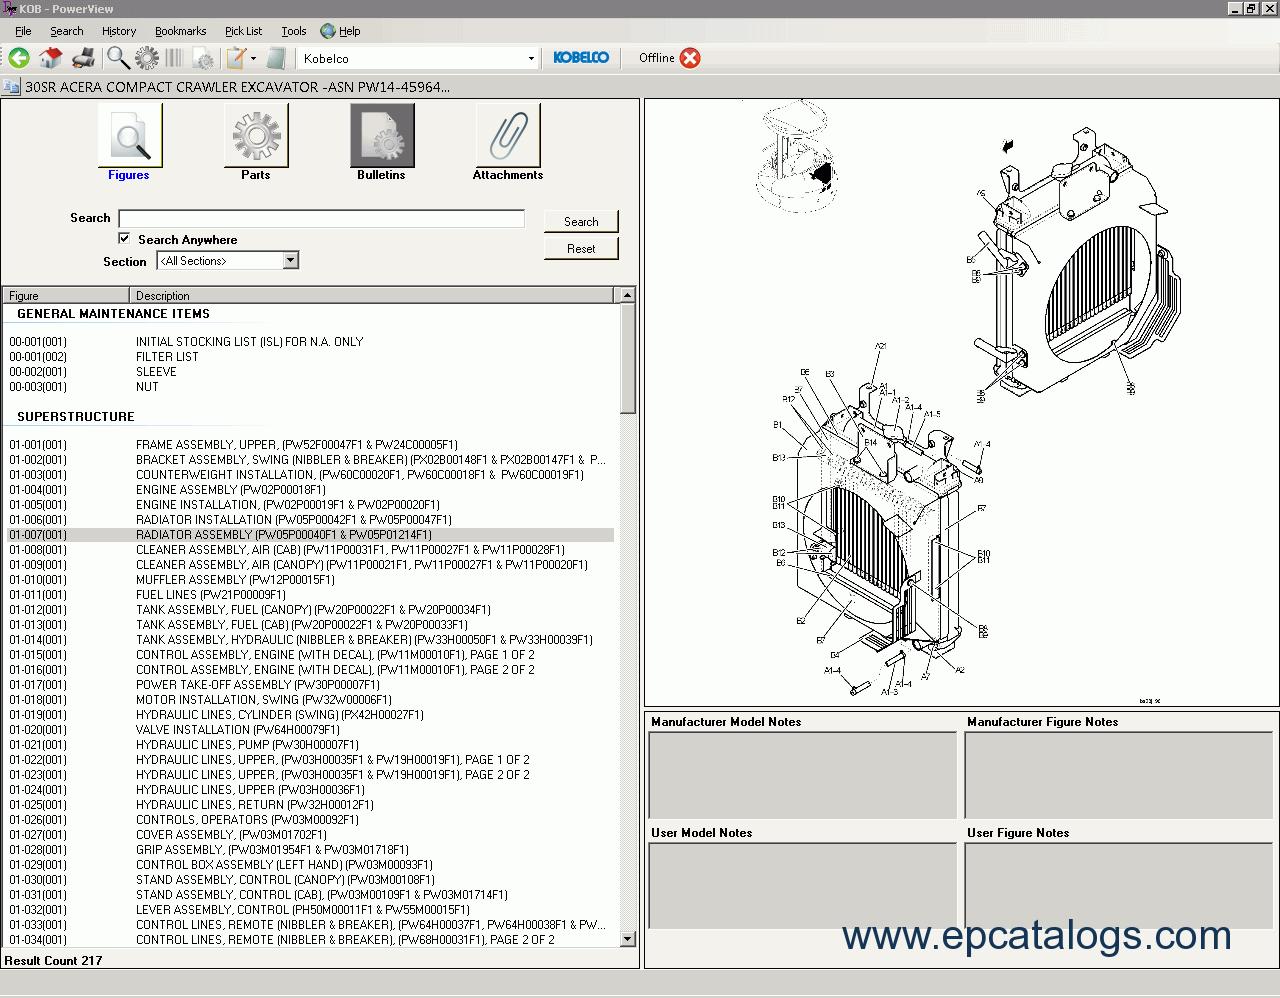 Troubleshooting Kobelco excavator fault code fault code - mandegar info